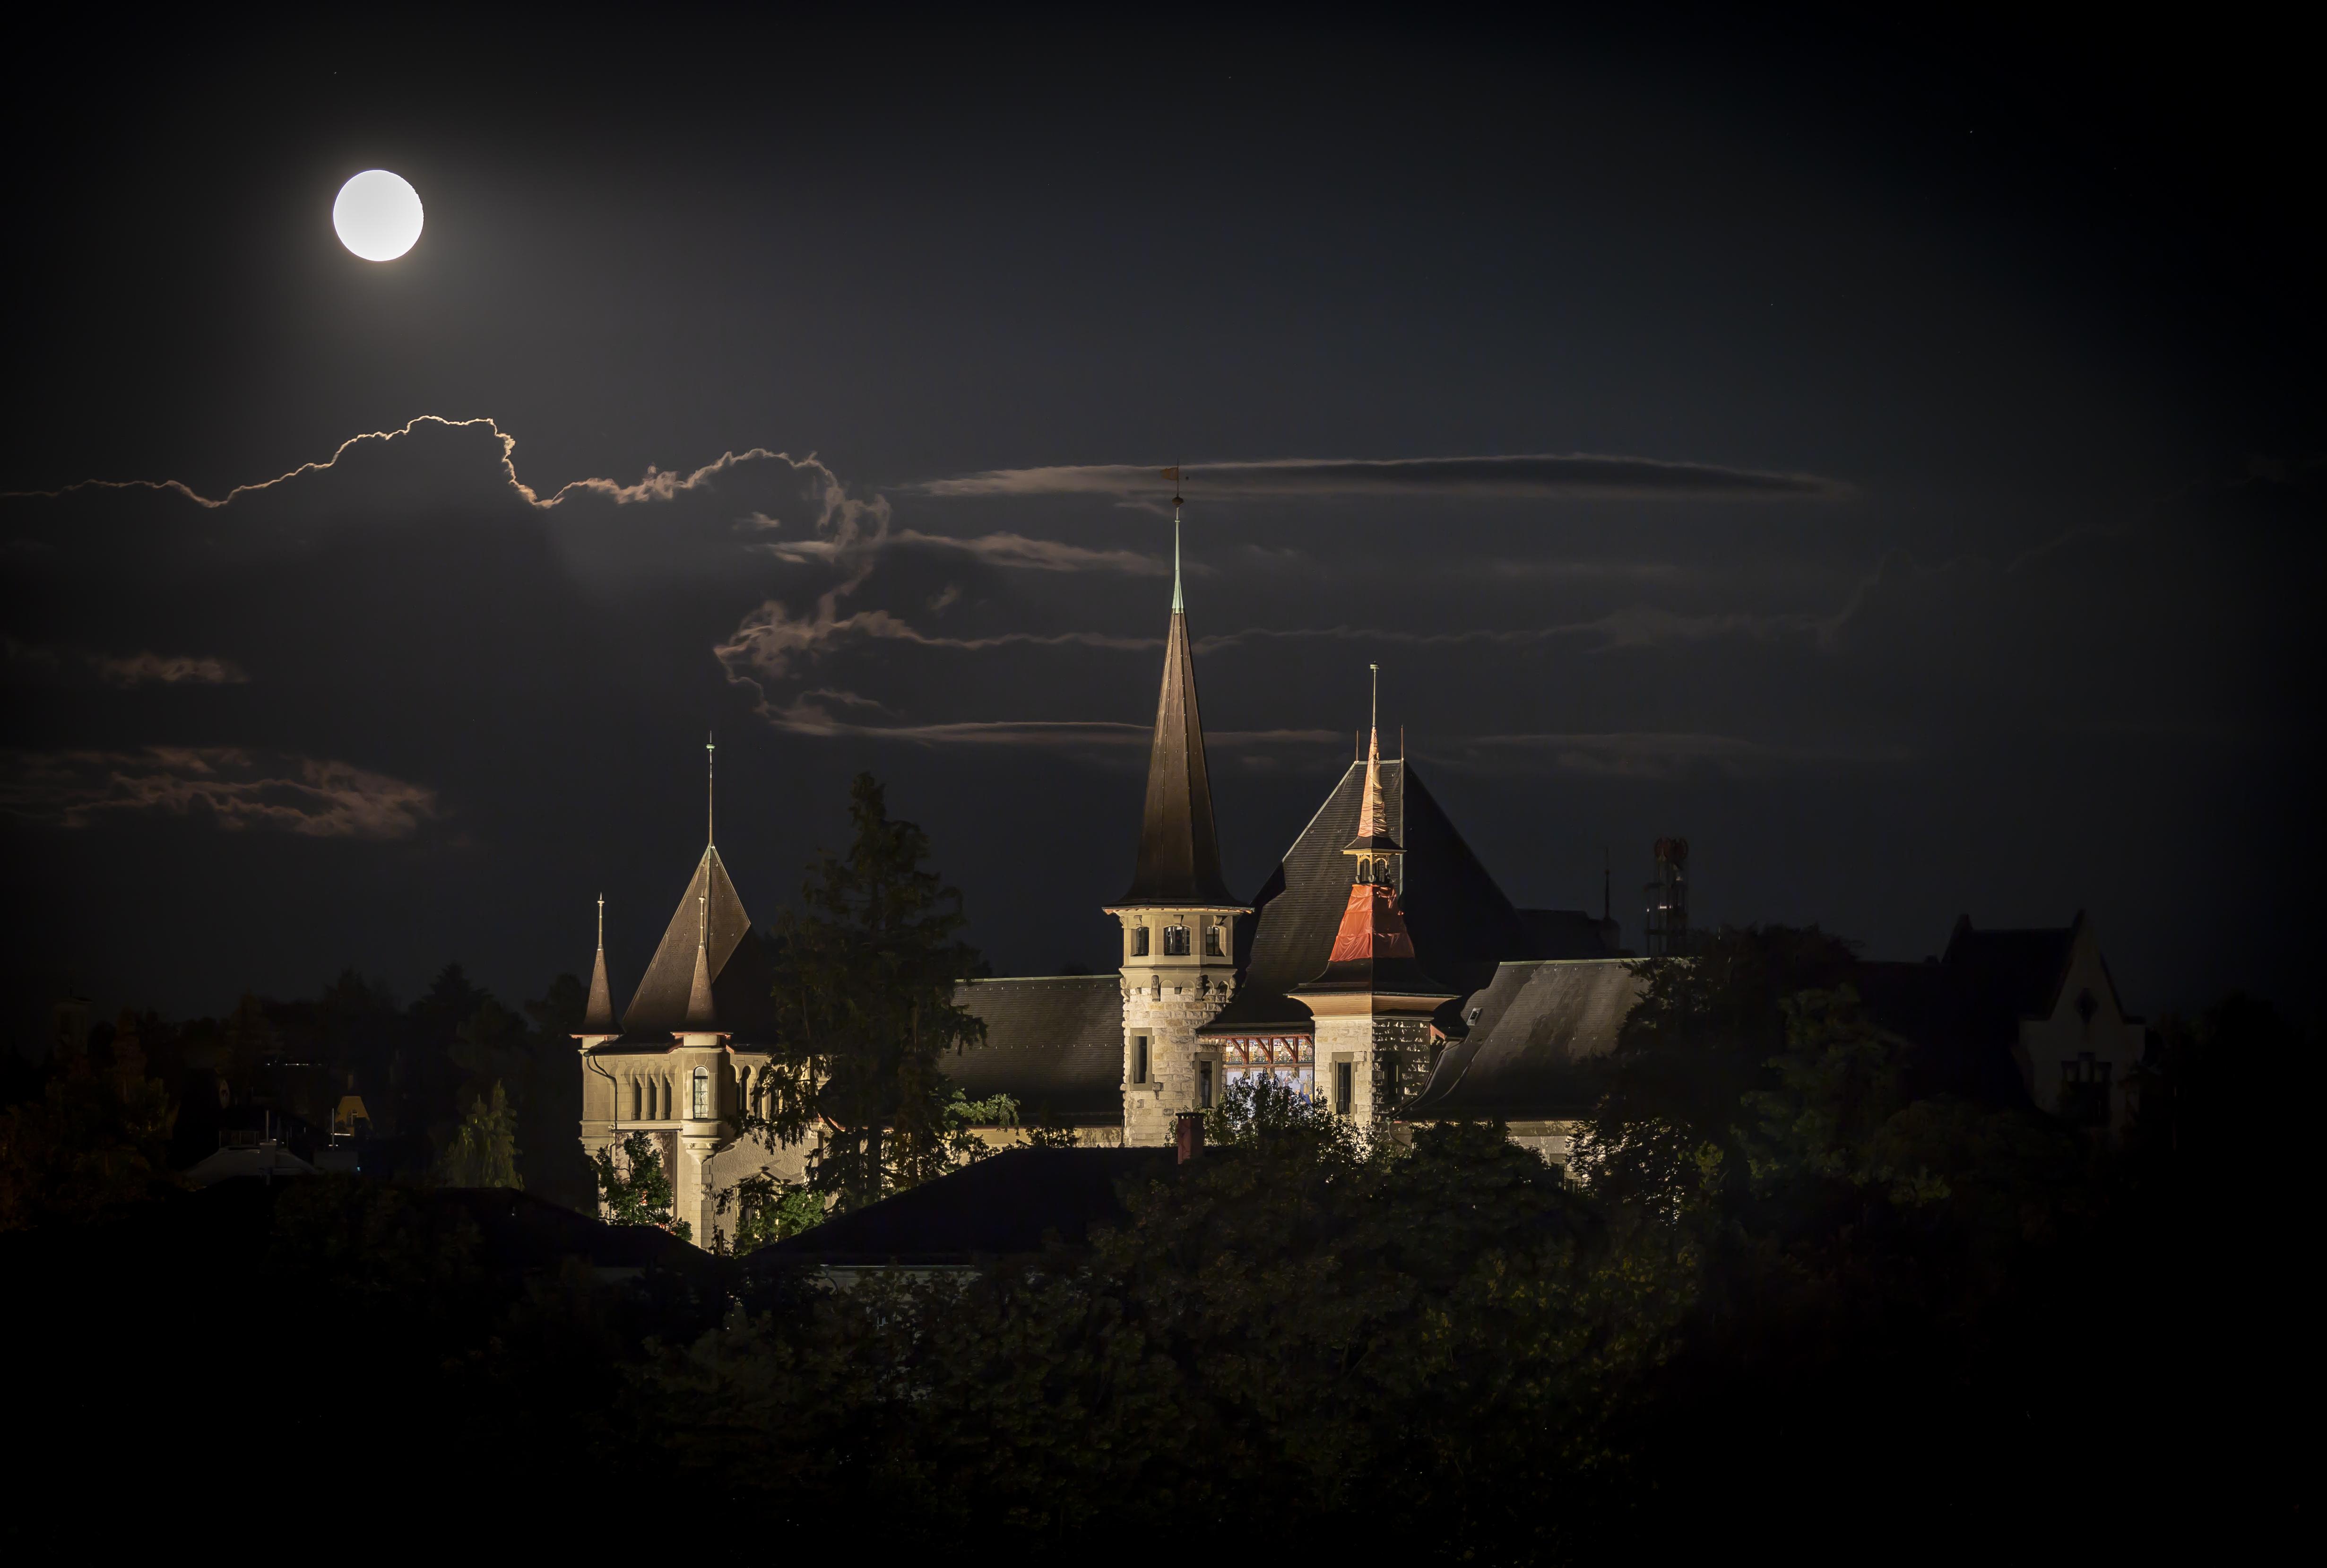 Night in Bern